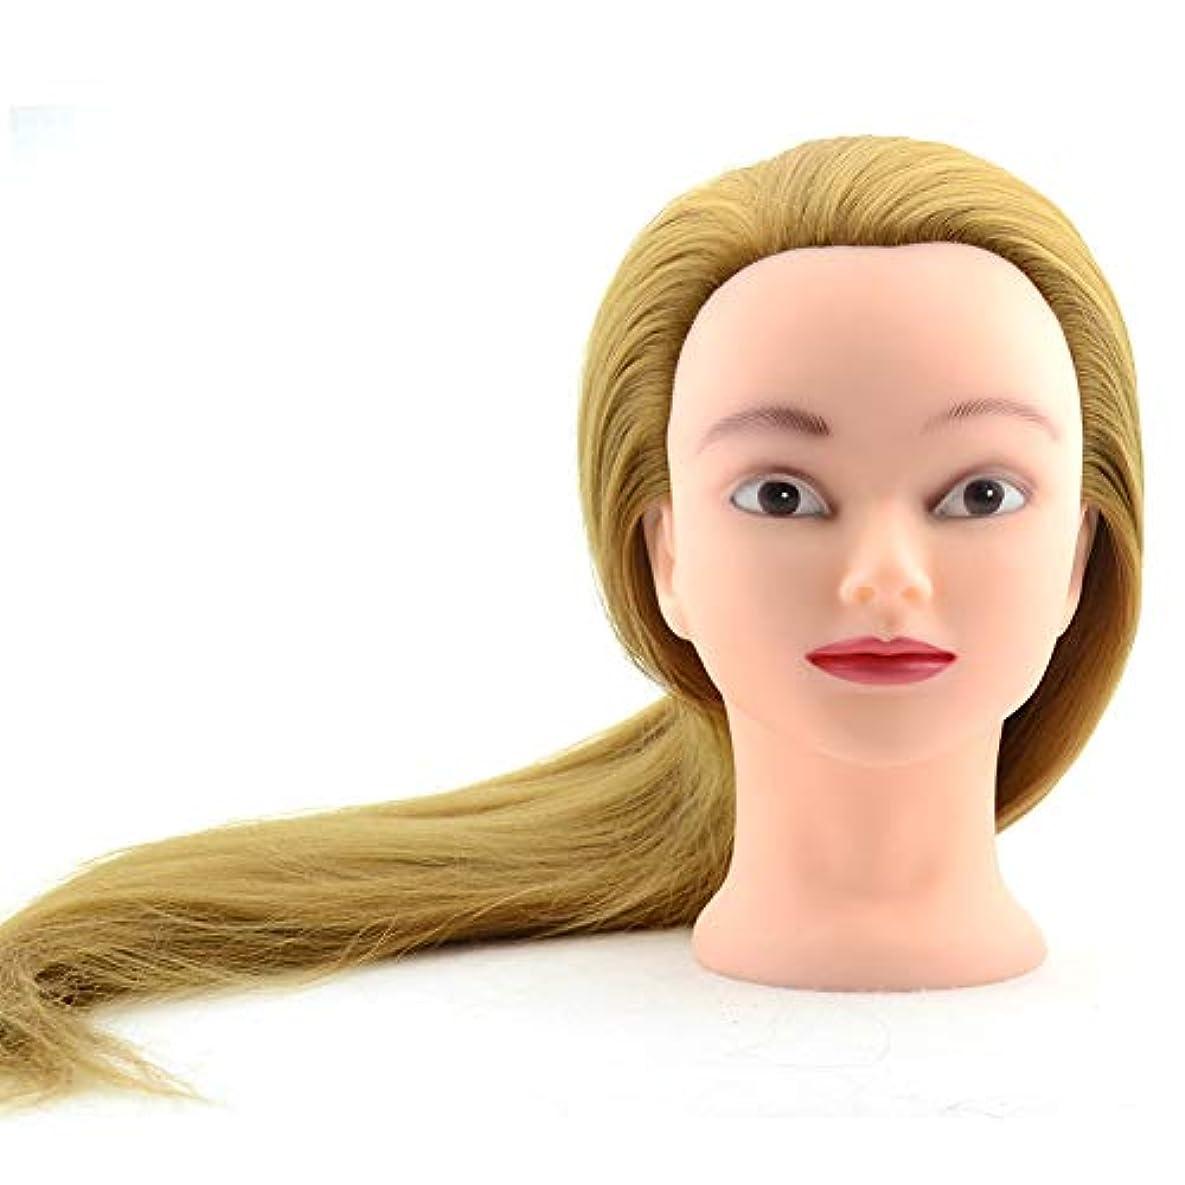 穿孔するグリーンランド子供時代化学繊維ウィッグモデルヘッド理髪店学習ゴールデンヘアーダミーヘッドブライダルメイクスタイリングエクササイズヘッドモード